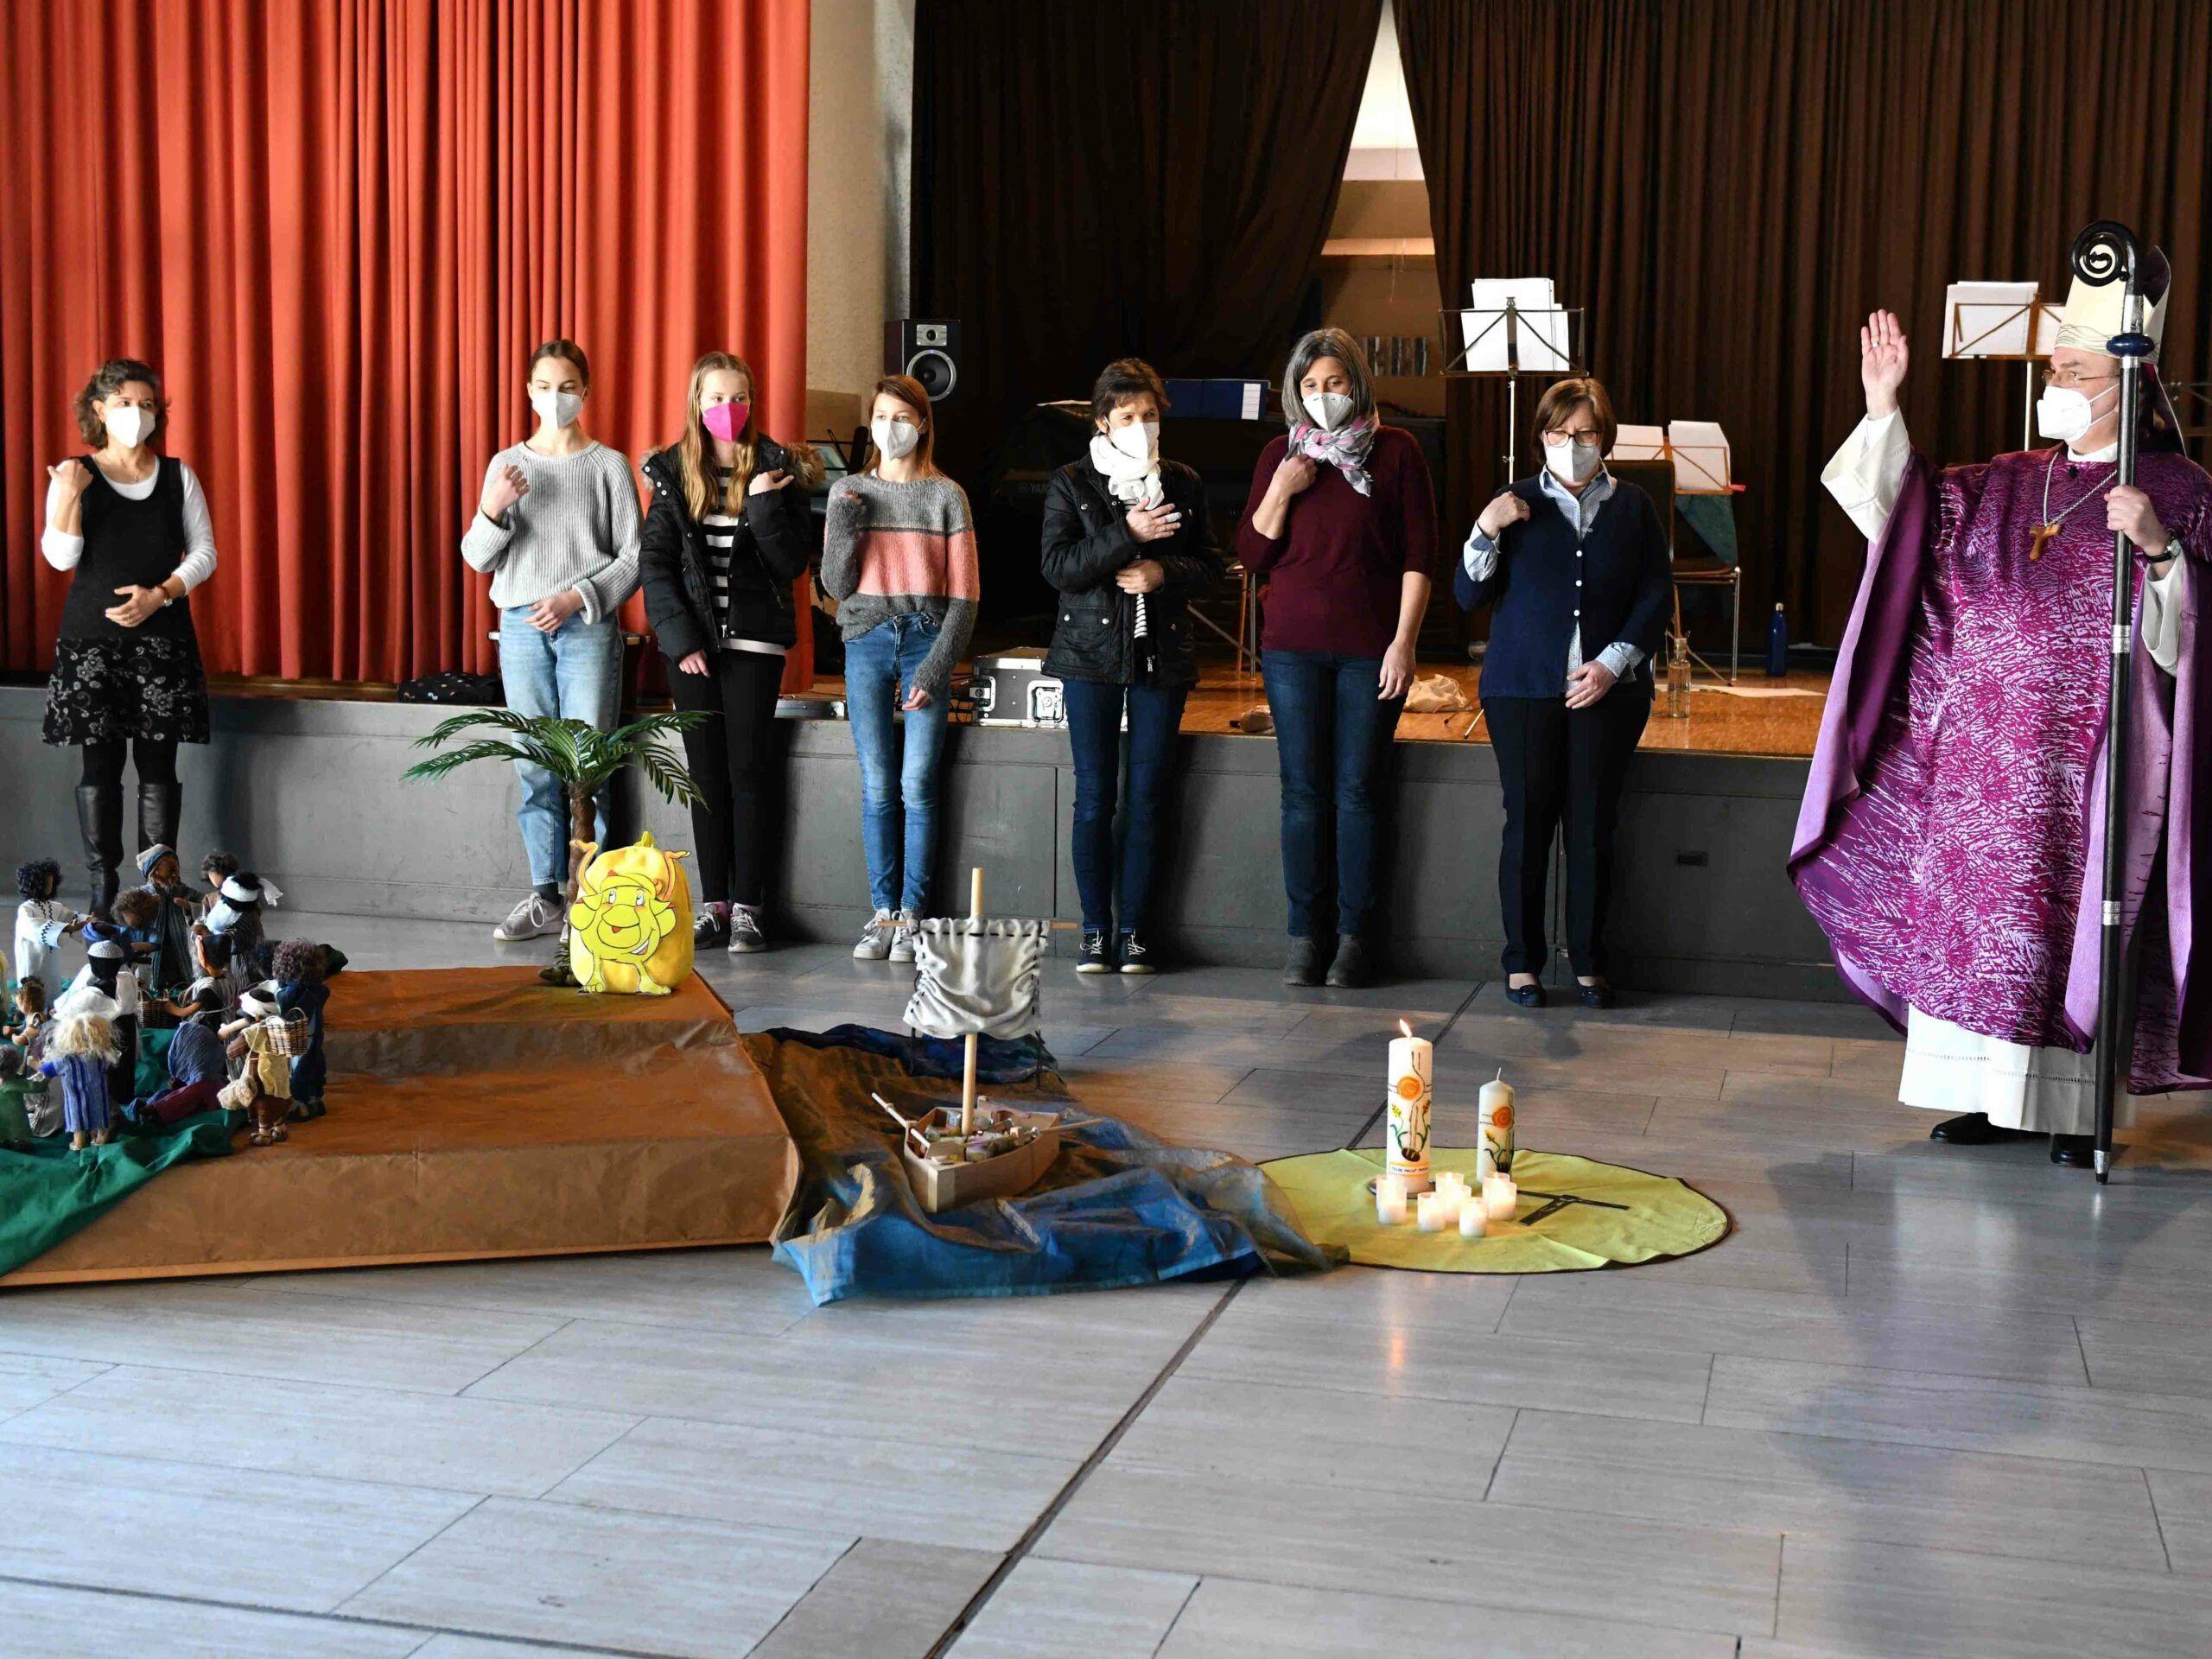 Dioezesane Eroeffnung Der Misereor Fastenaktion Kindergottesdienst Foto Maria Steber Pba Scaled